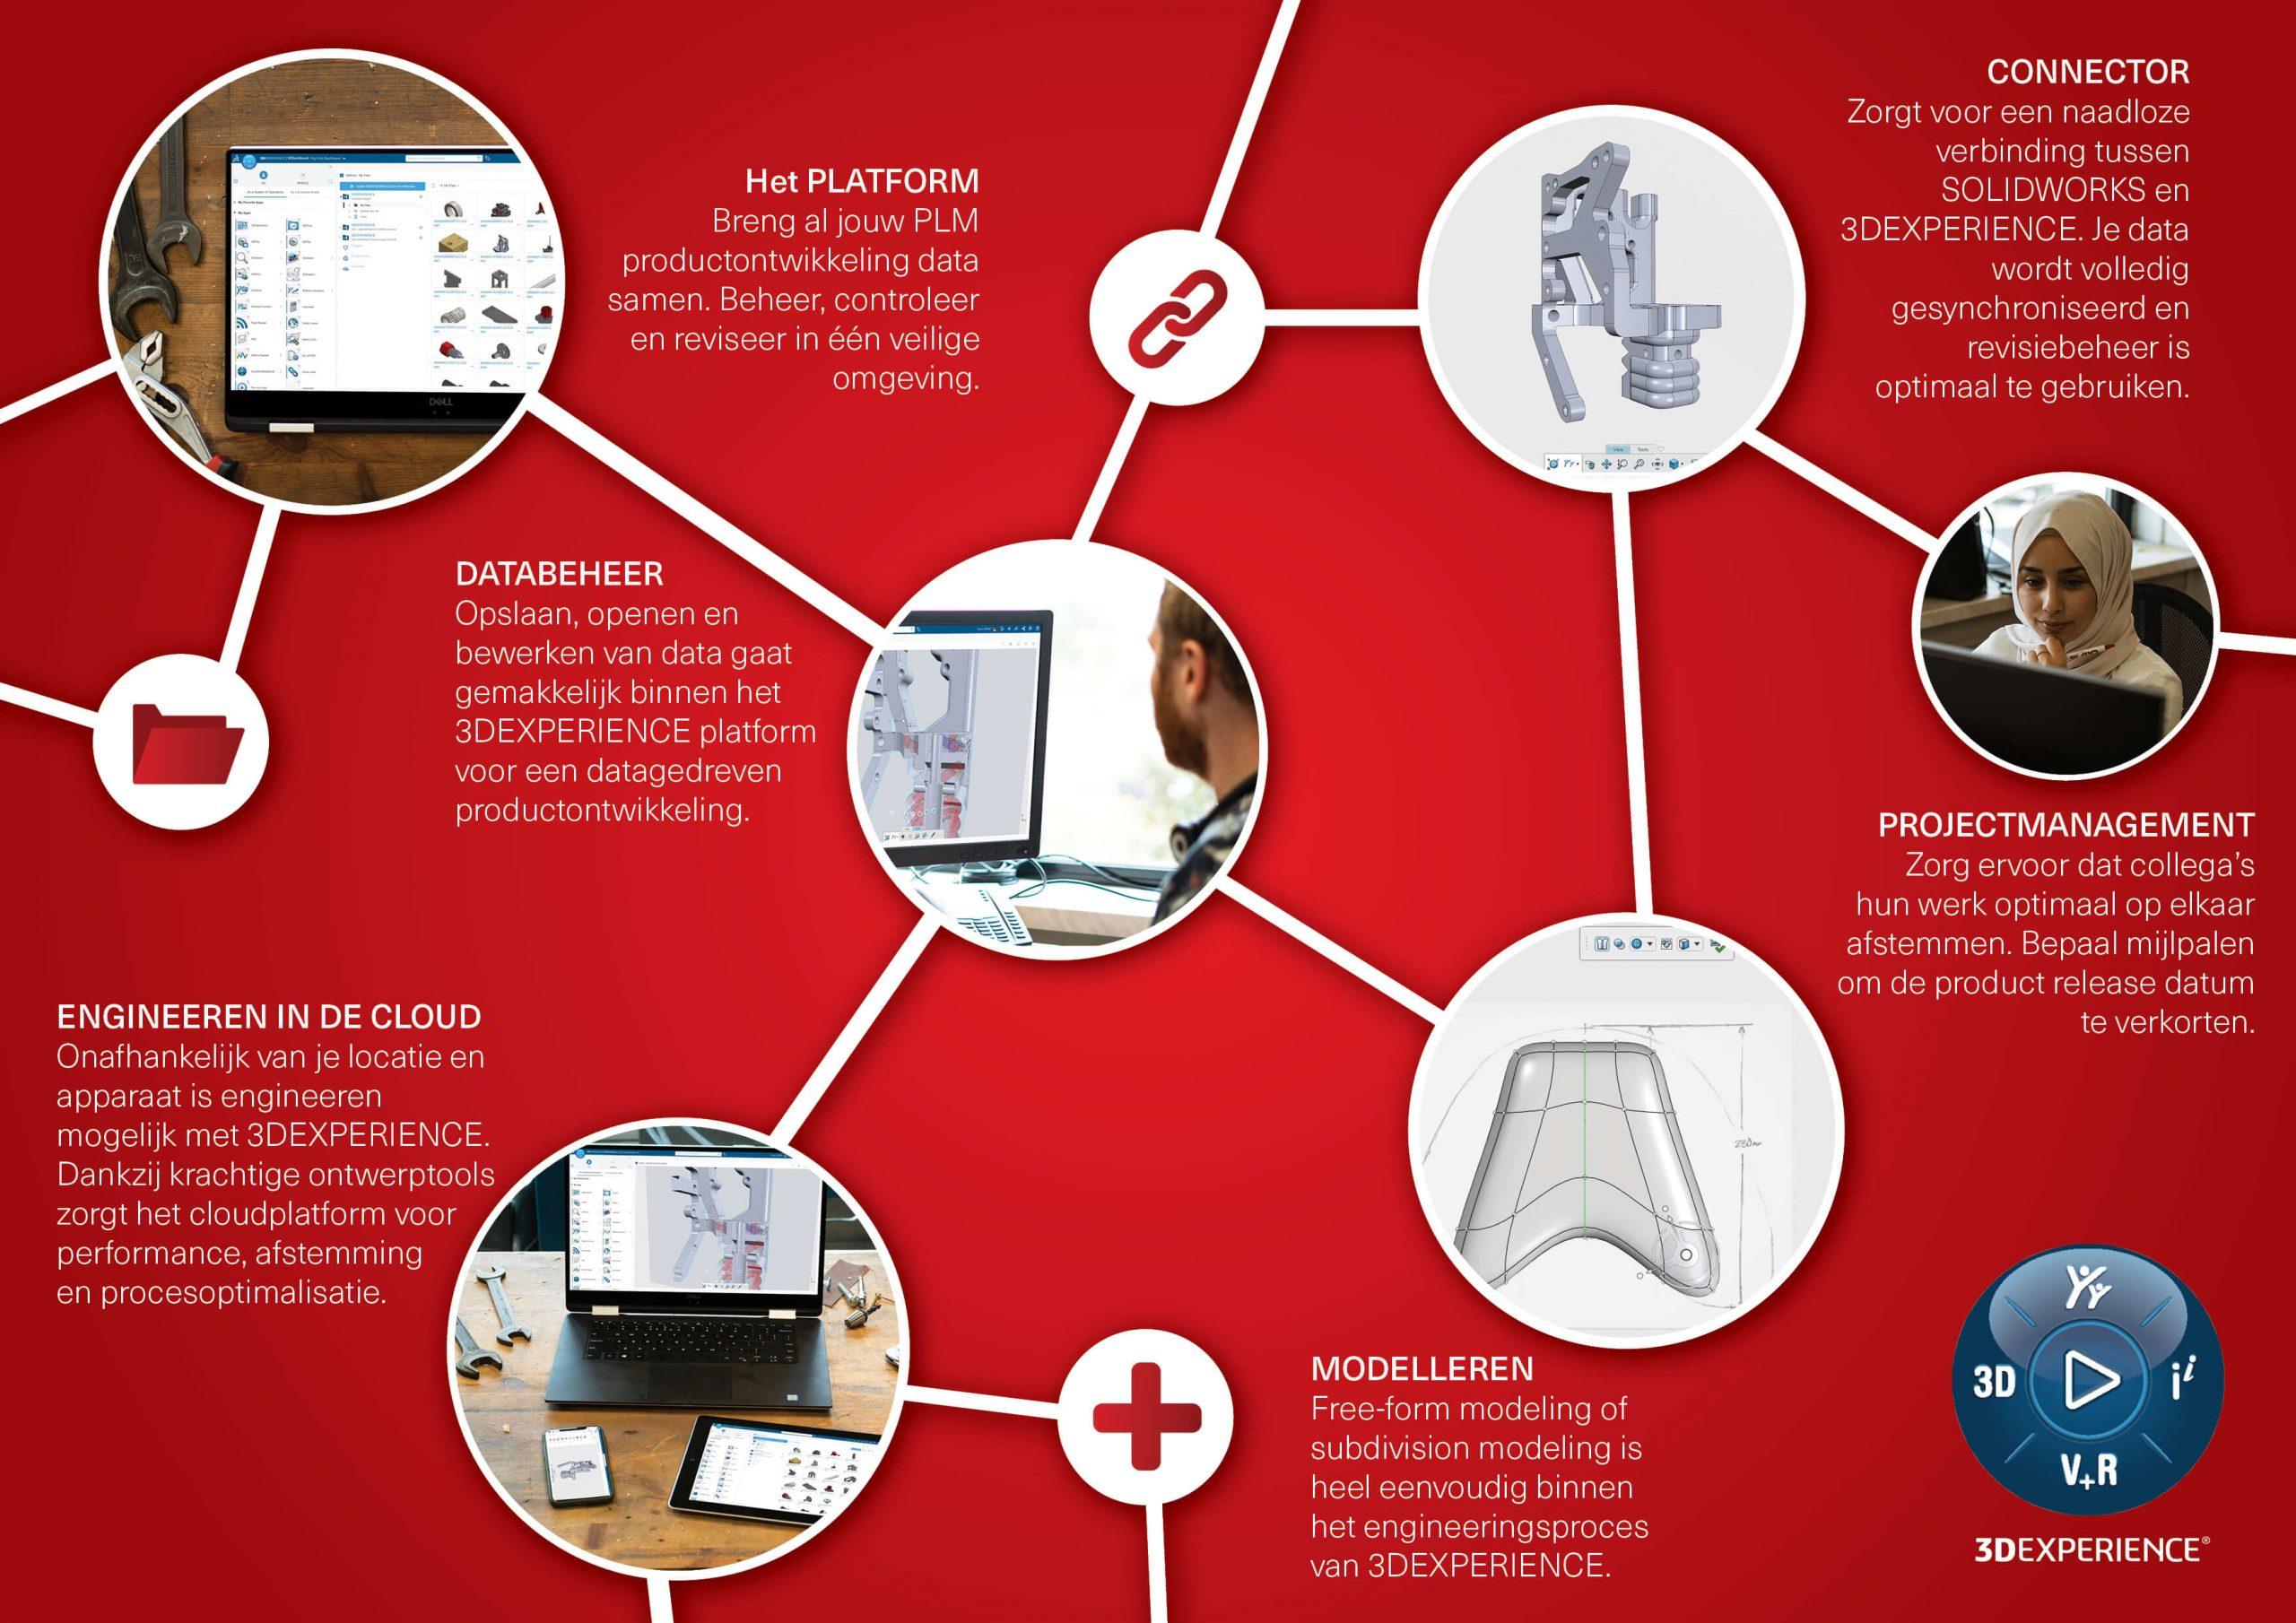 3DEXPERIENCE infographic van CAD2M